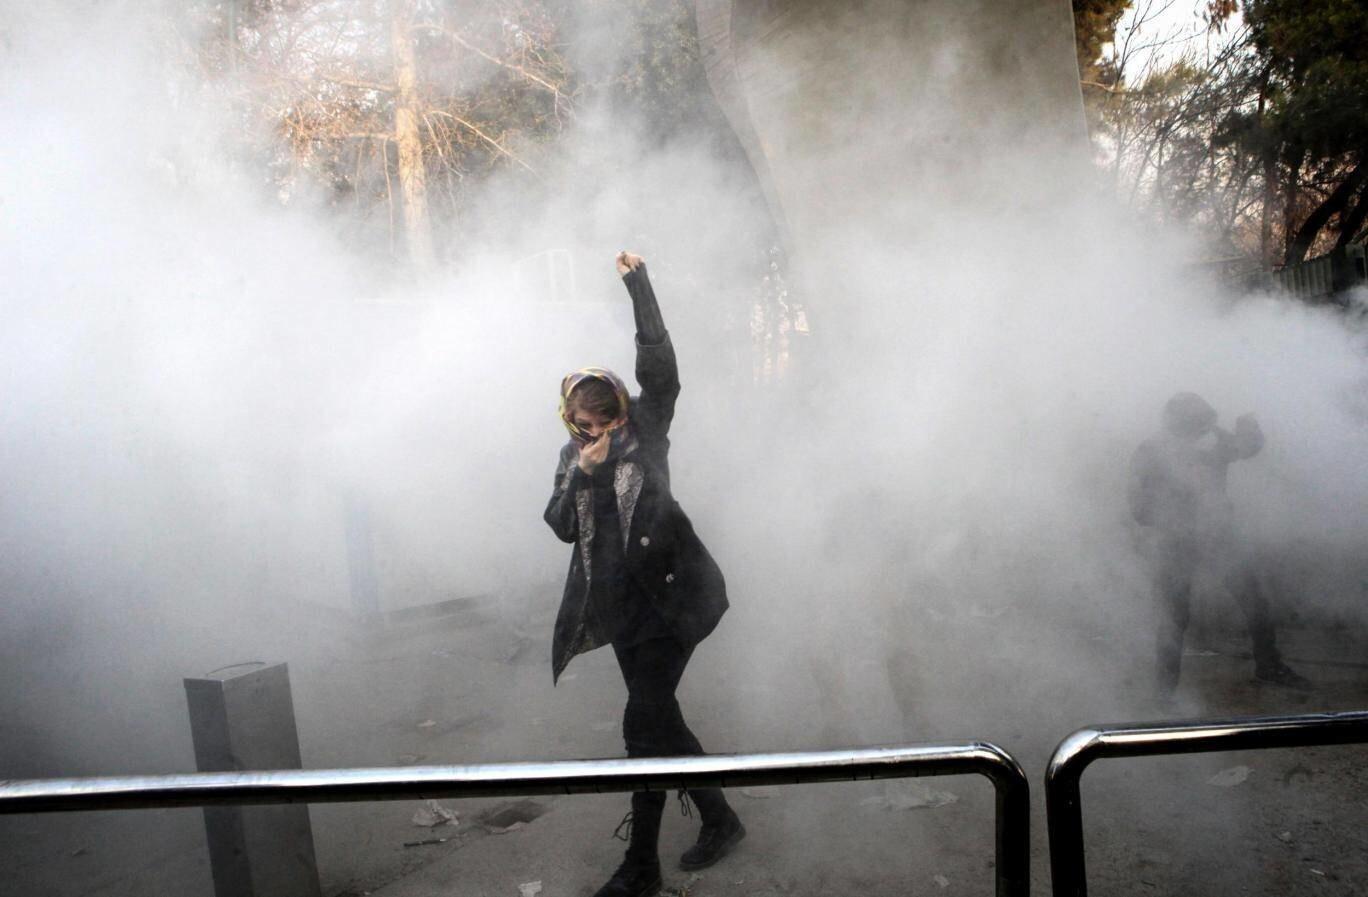 متظاهرة في إيران - صورة أرشيفية